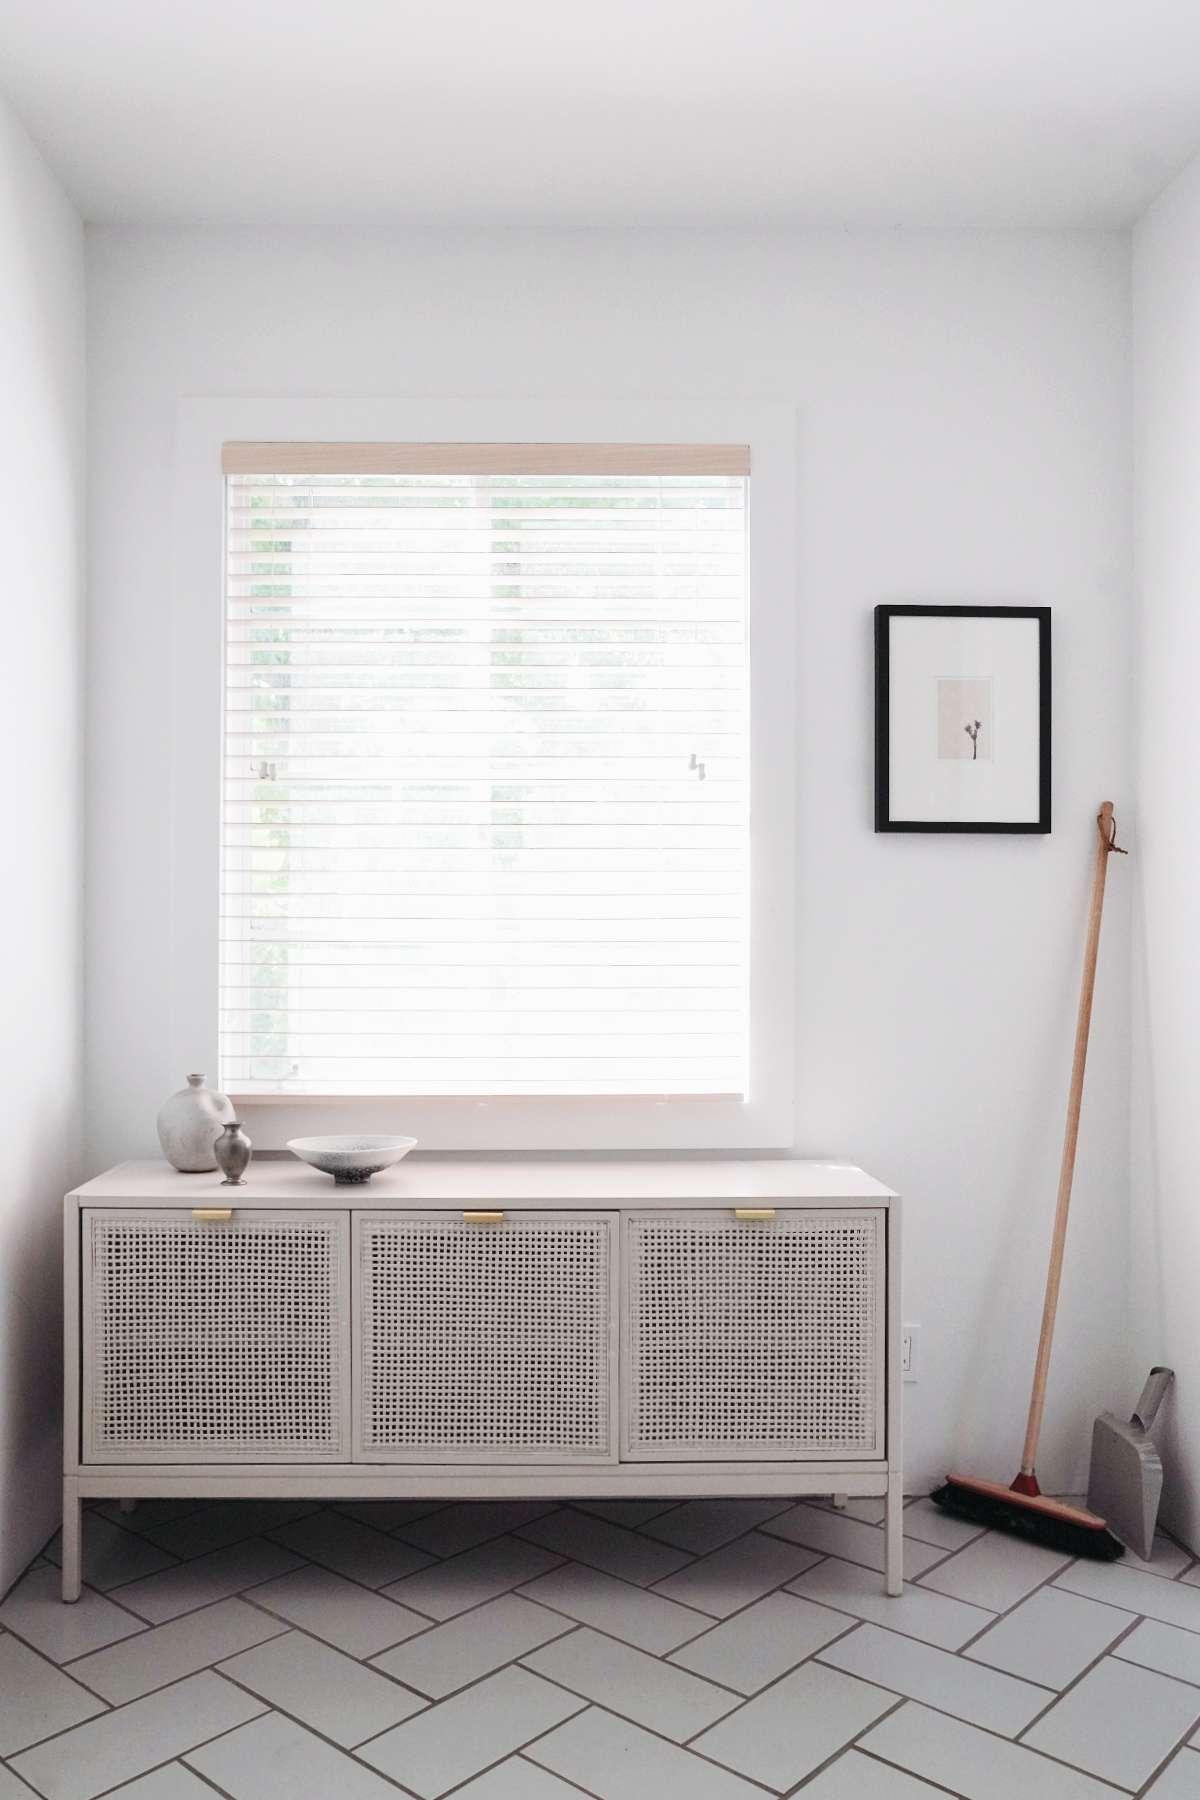 best kitchen ideas - DIY kitchen rattan console for dish storage